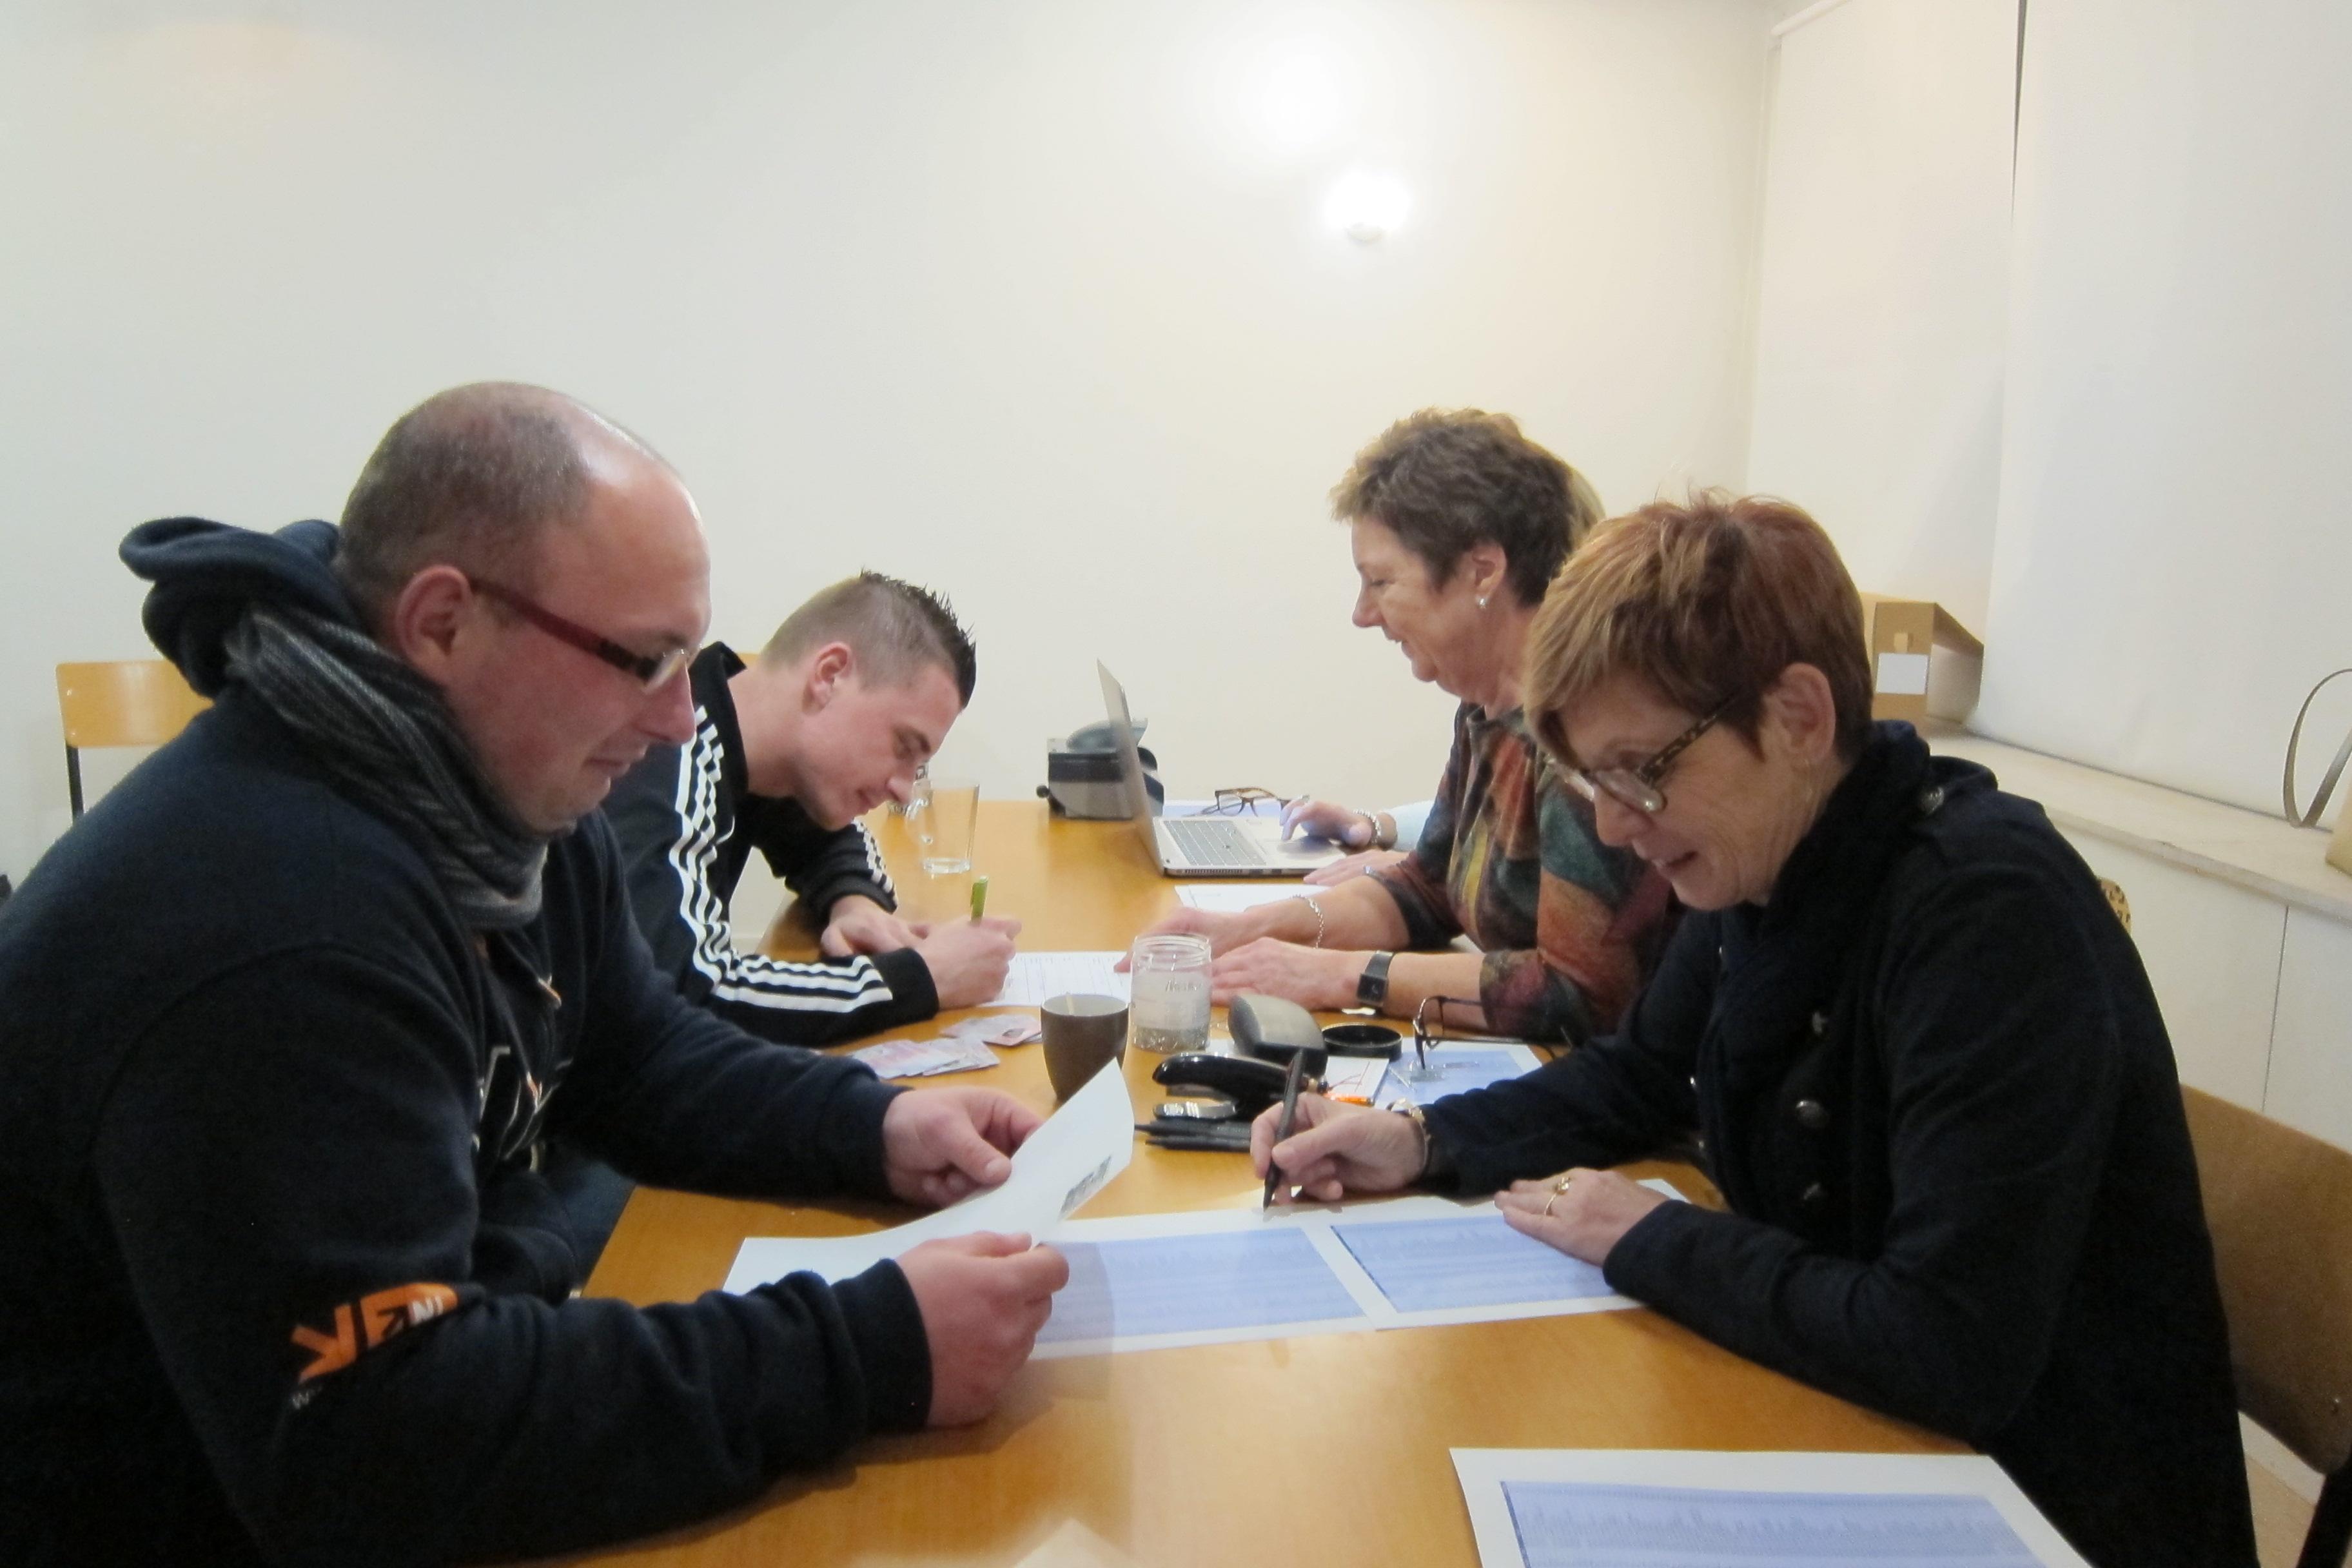 In het Slothuys in Spanbroek worden Mateusz Brzozowski en Jakub Raczkowski ingeschreven in Basisregistratie Persoonsgegevens. (Foto: gemeente Opmeer)